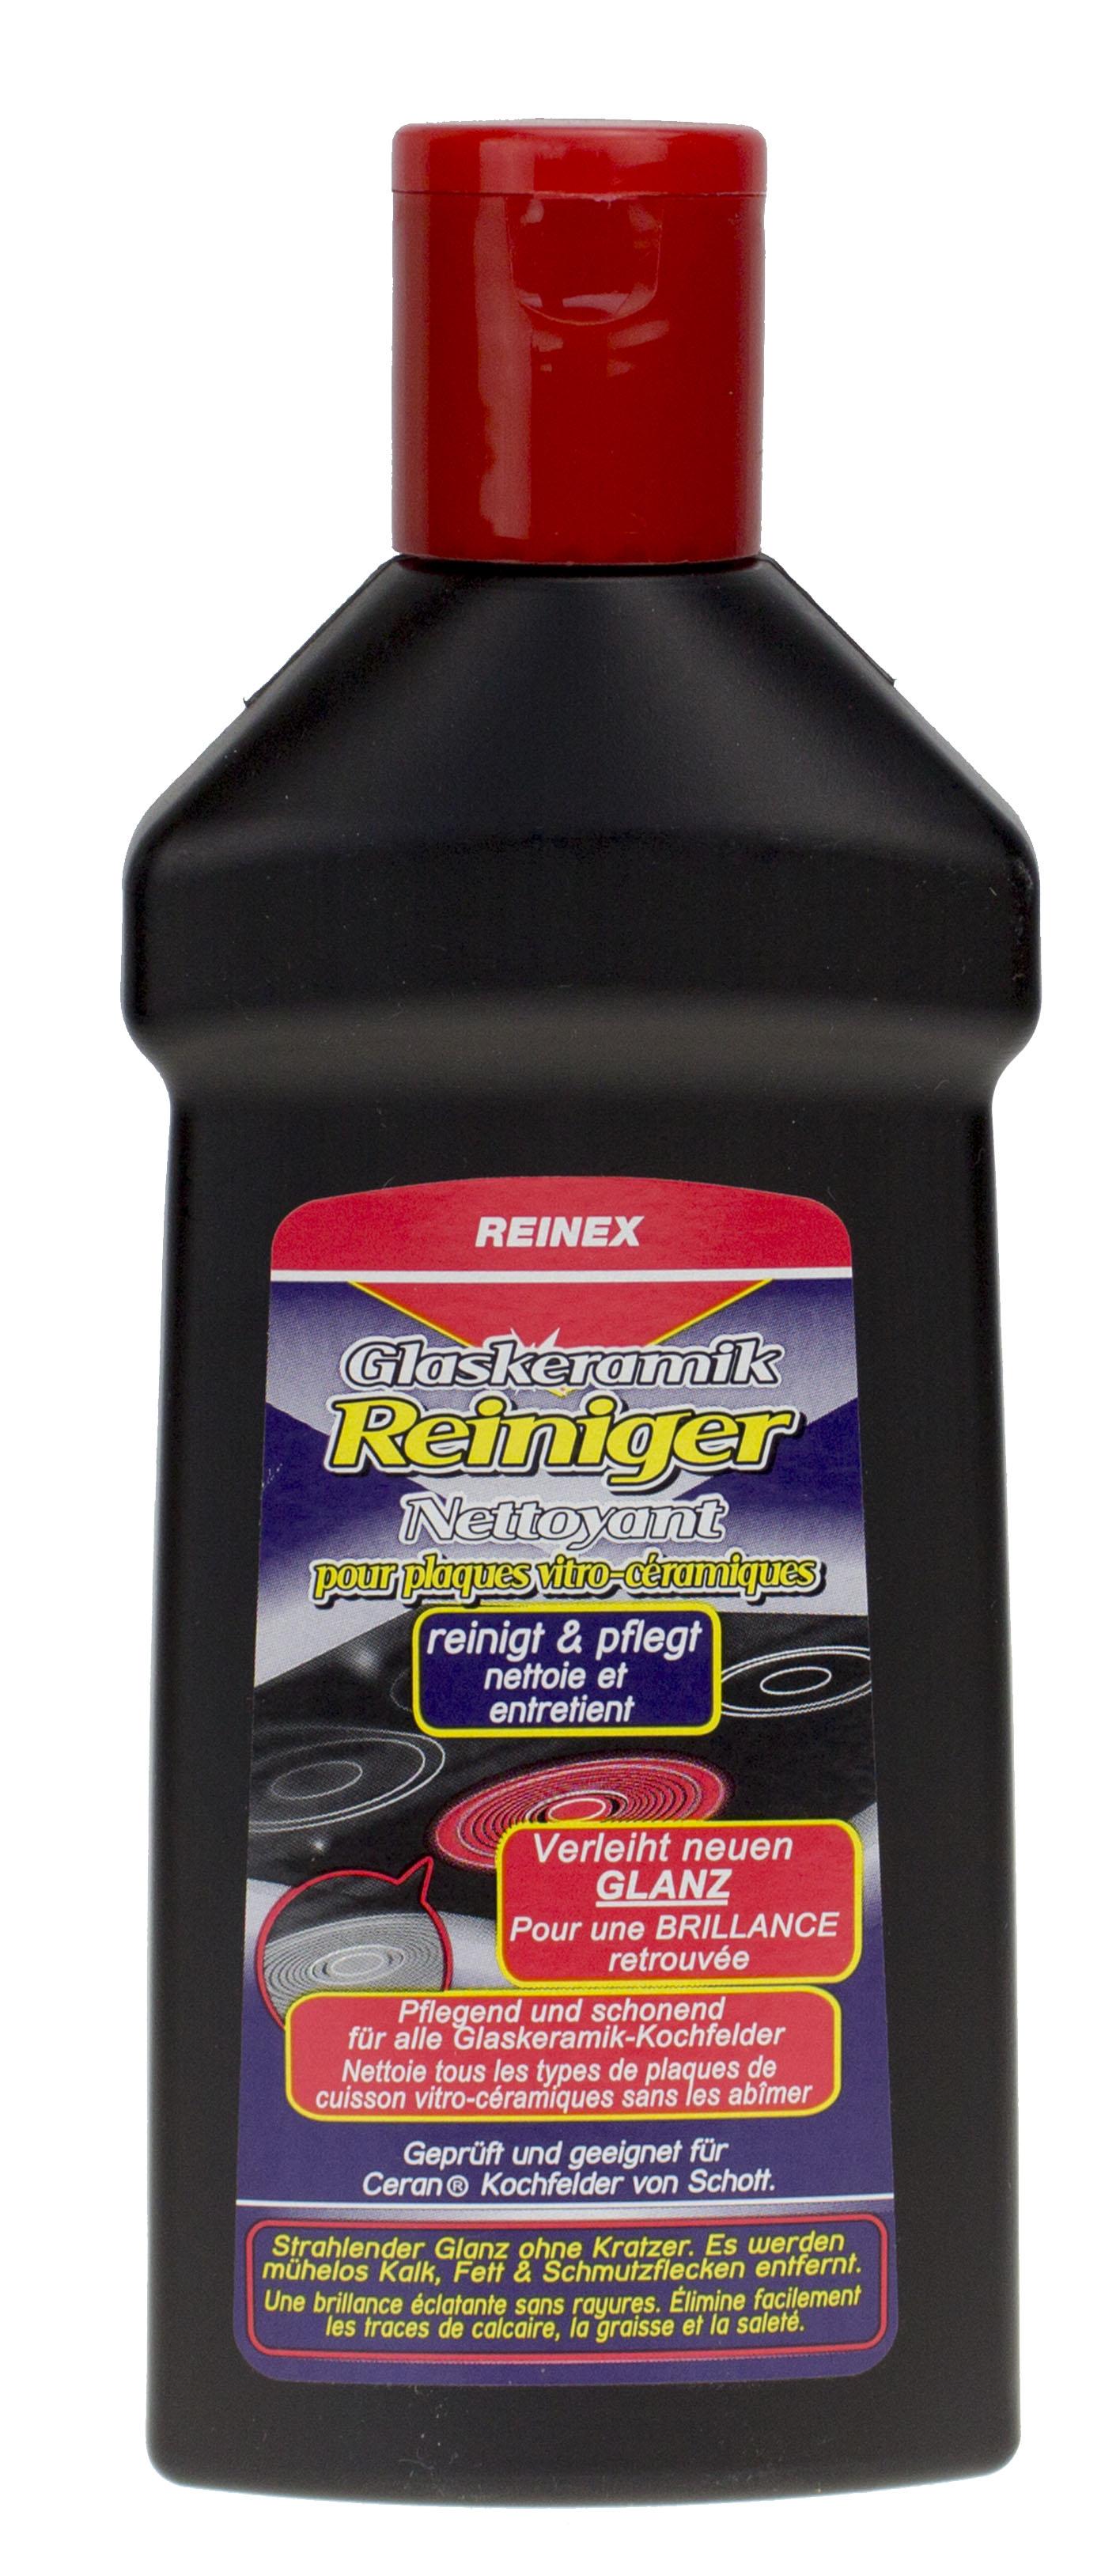 Reinex Glaskeramikreiniger   250 ml